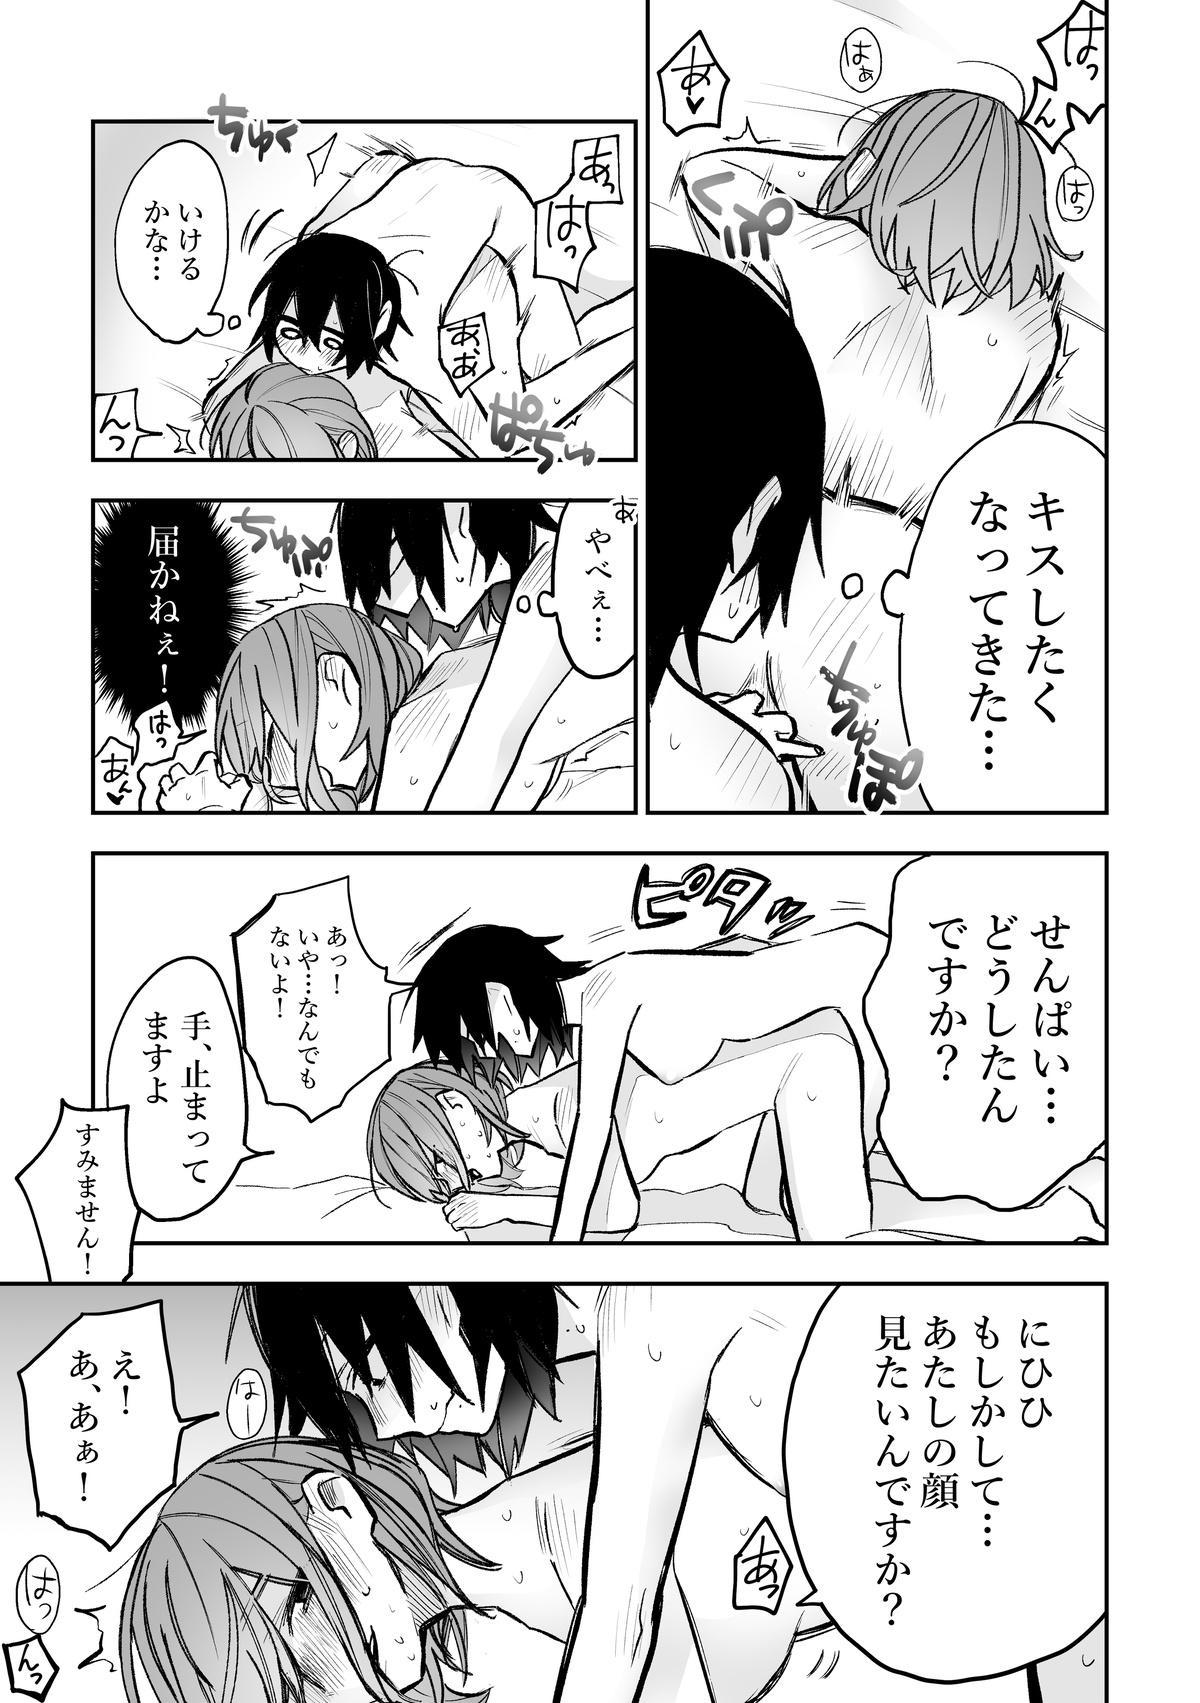 Honshin wa Makuramoto ni Kakushite. 17